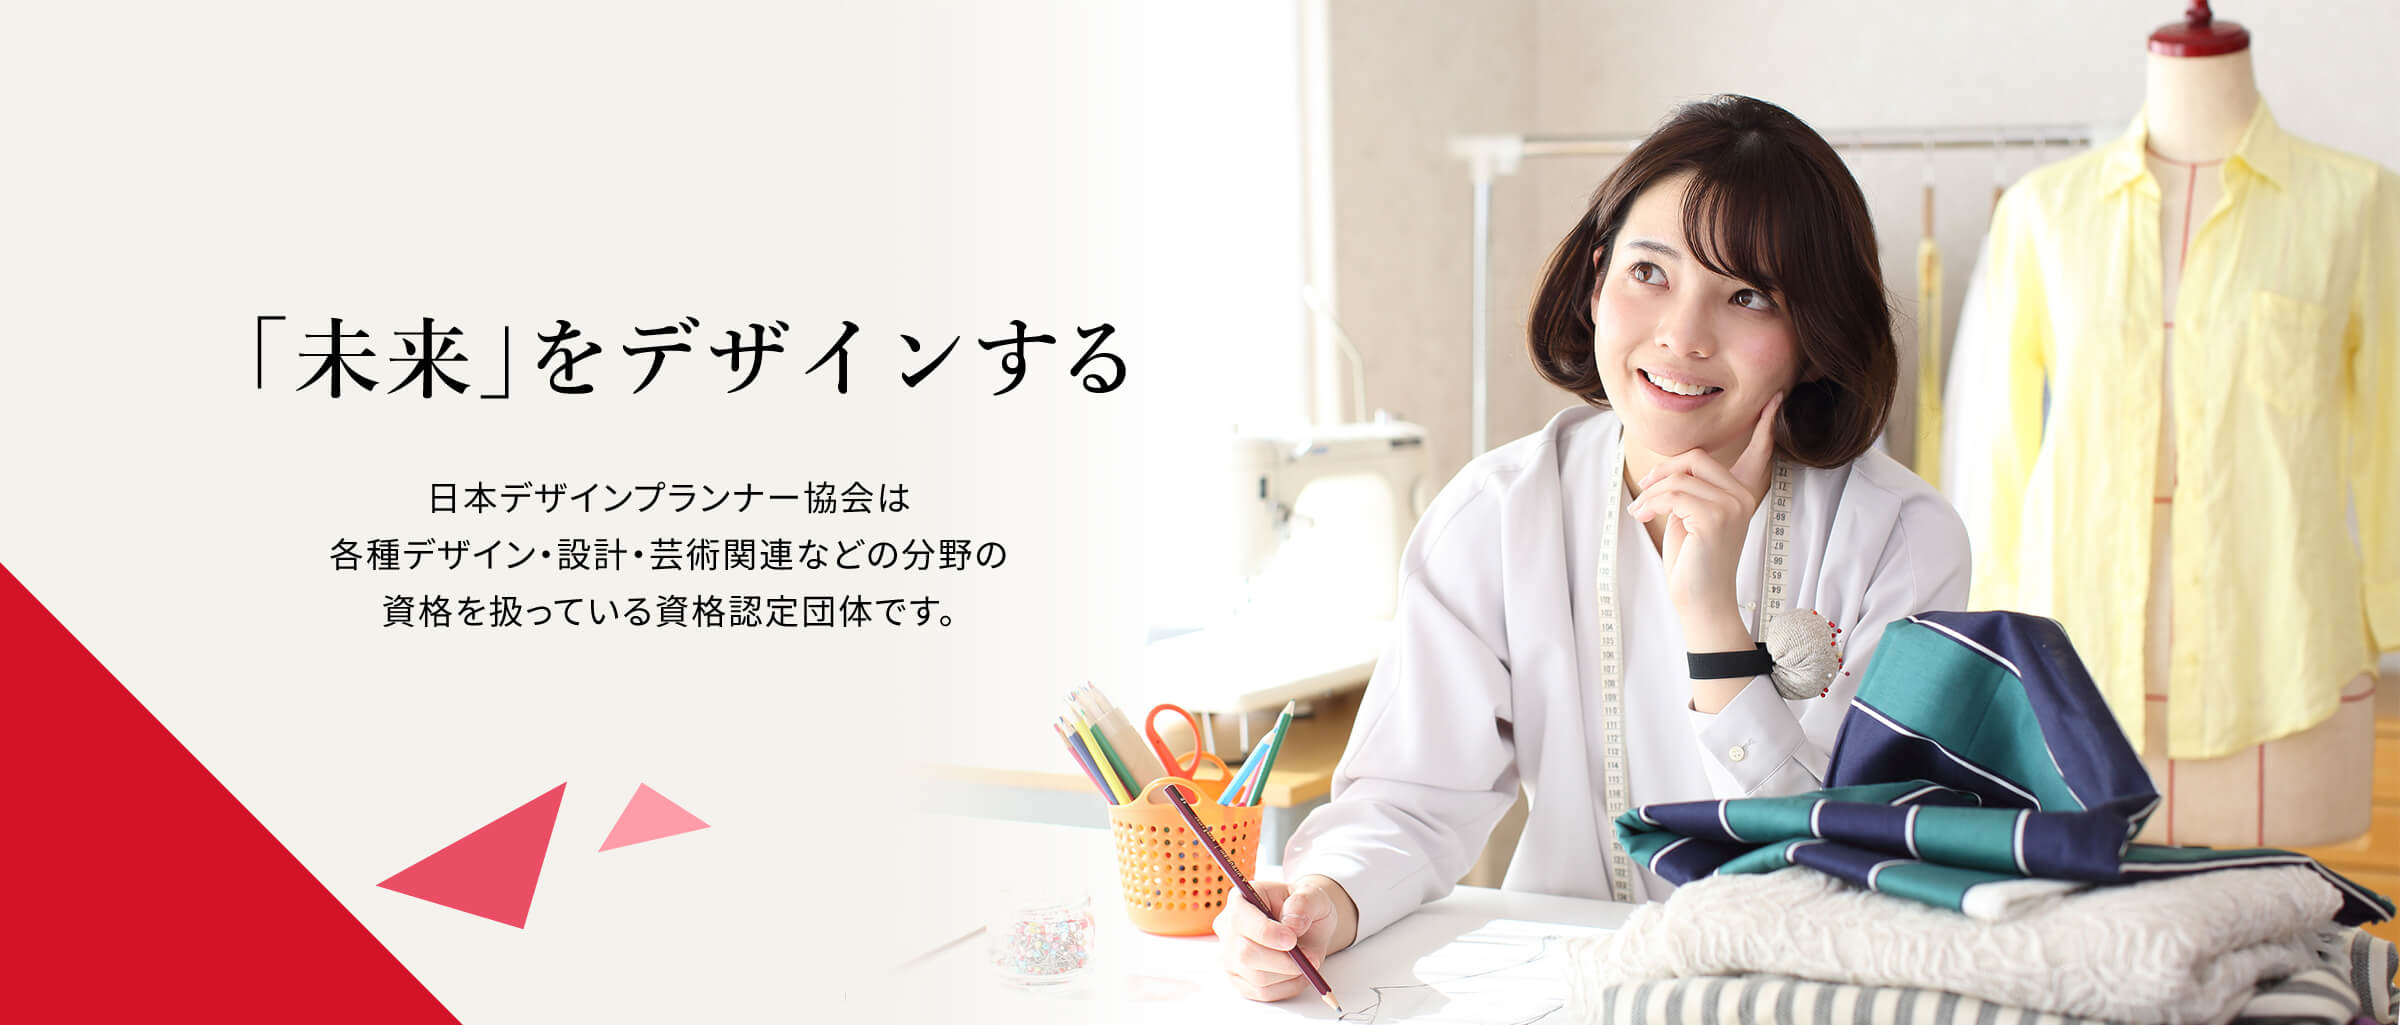 日本デザインプランナー協会